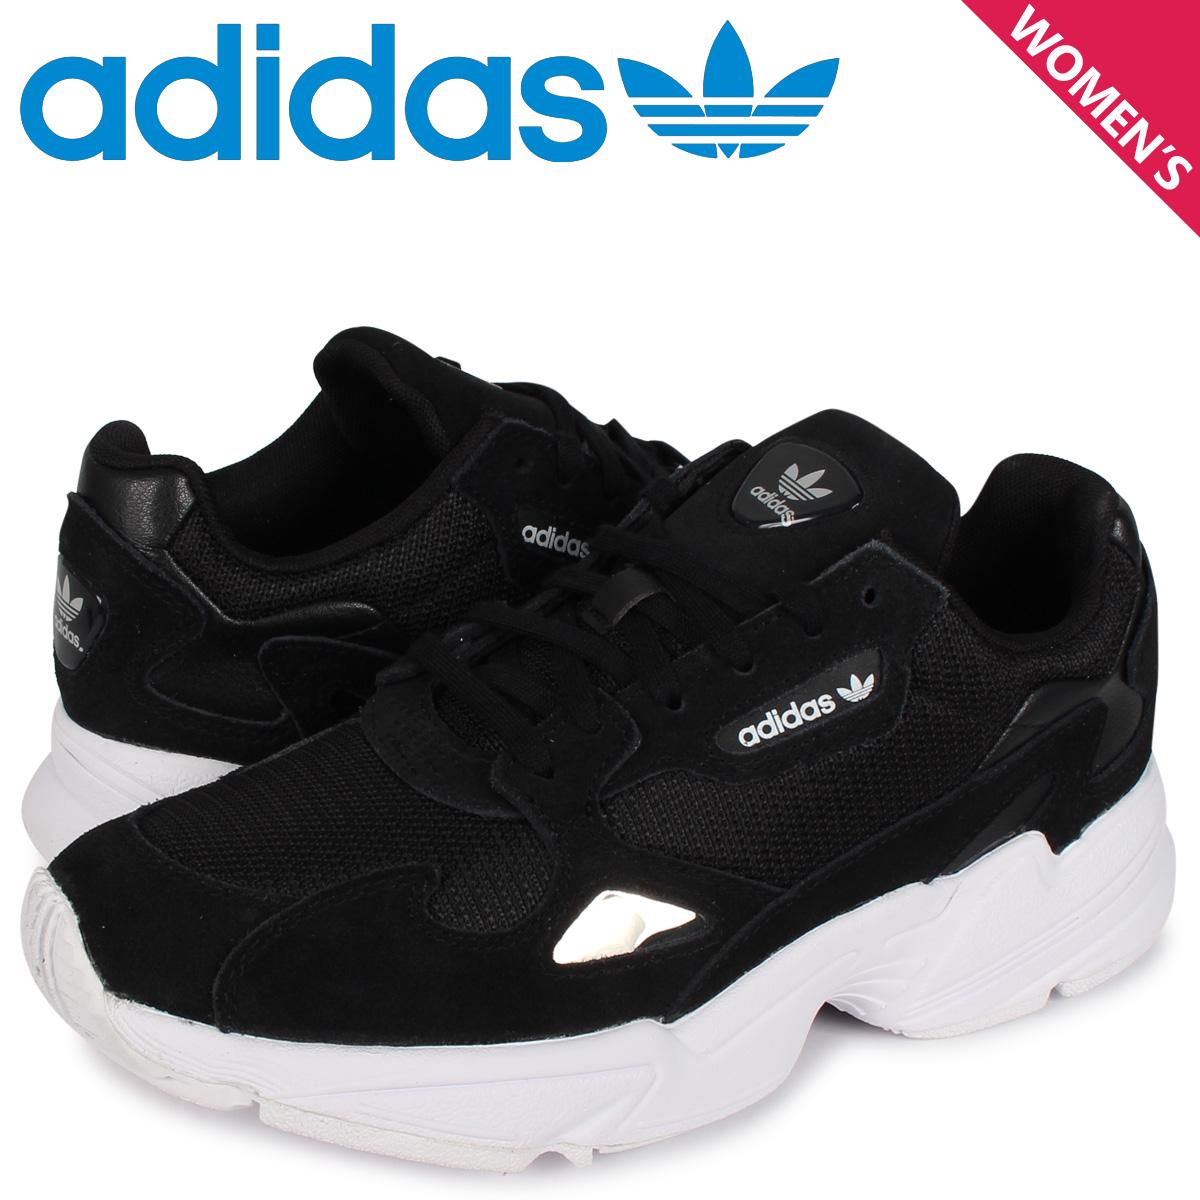 アディダス オリジナルス adidas Originals アディダスファルコン スニーカー レディース ADIDASFALCON W ブラック 黒 B28129